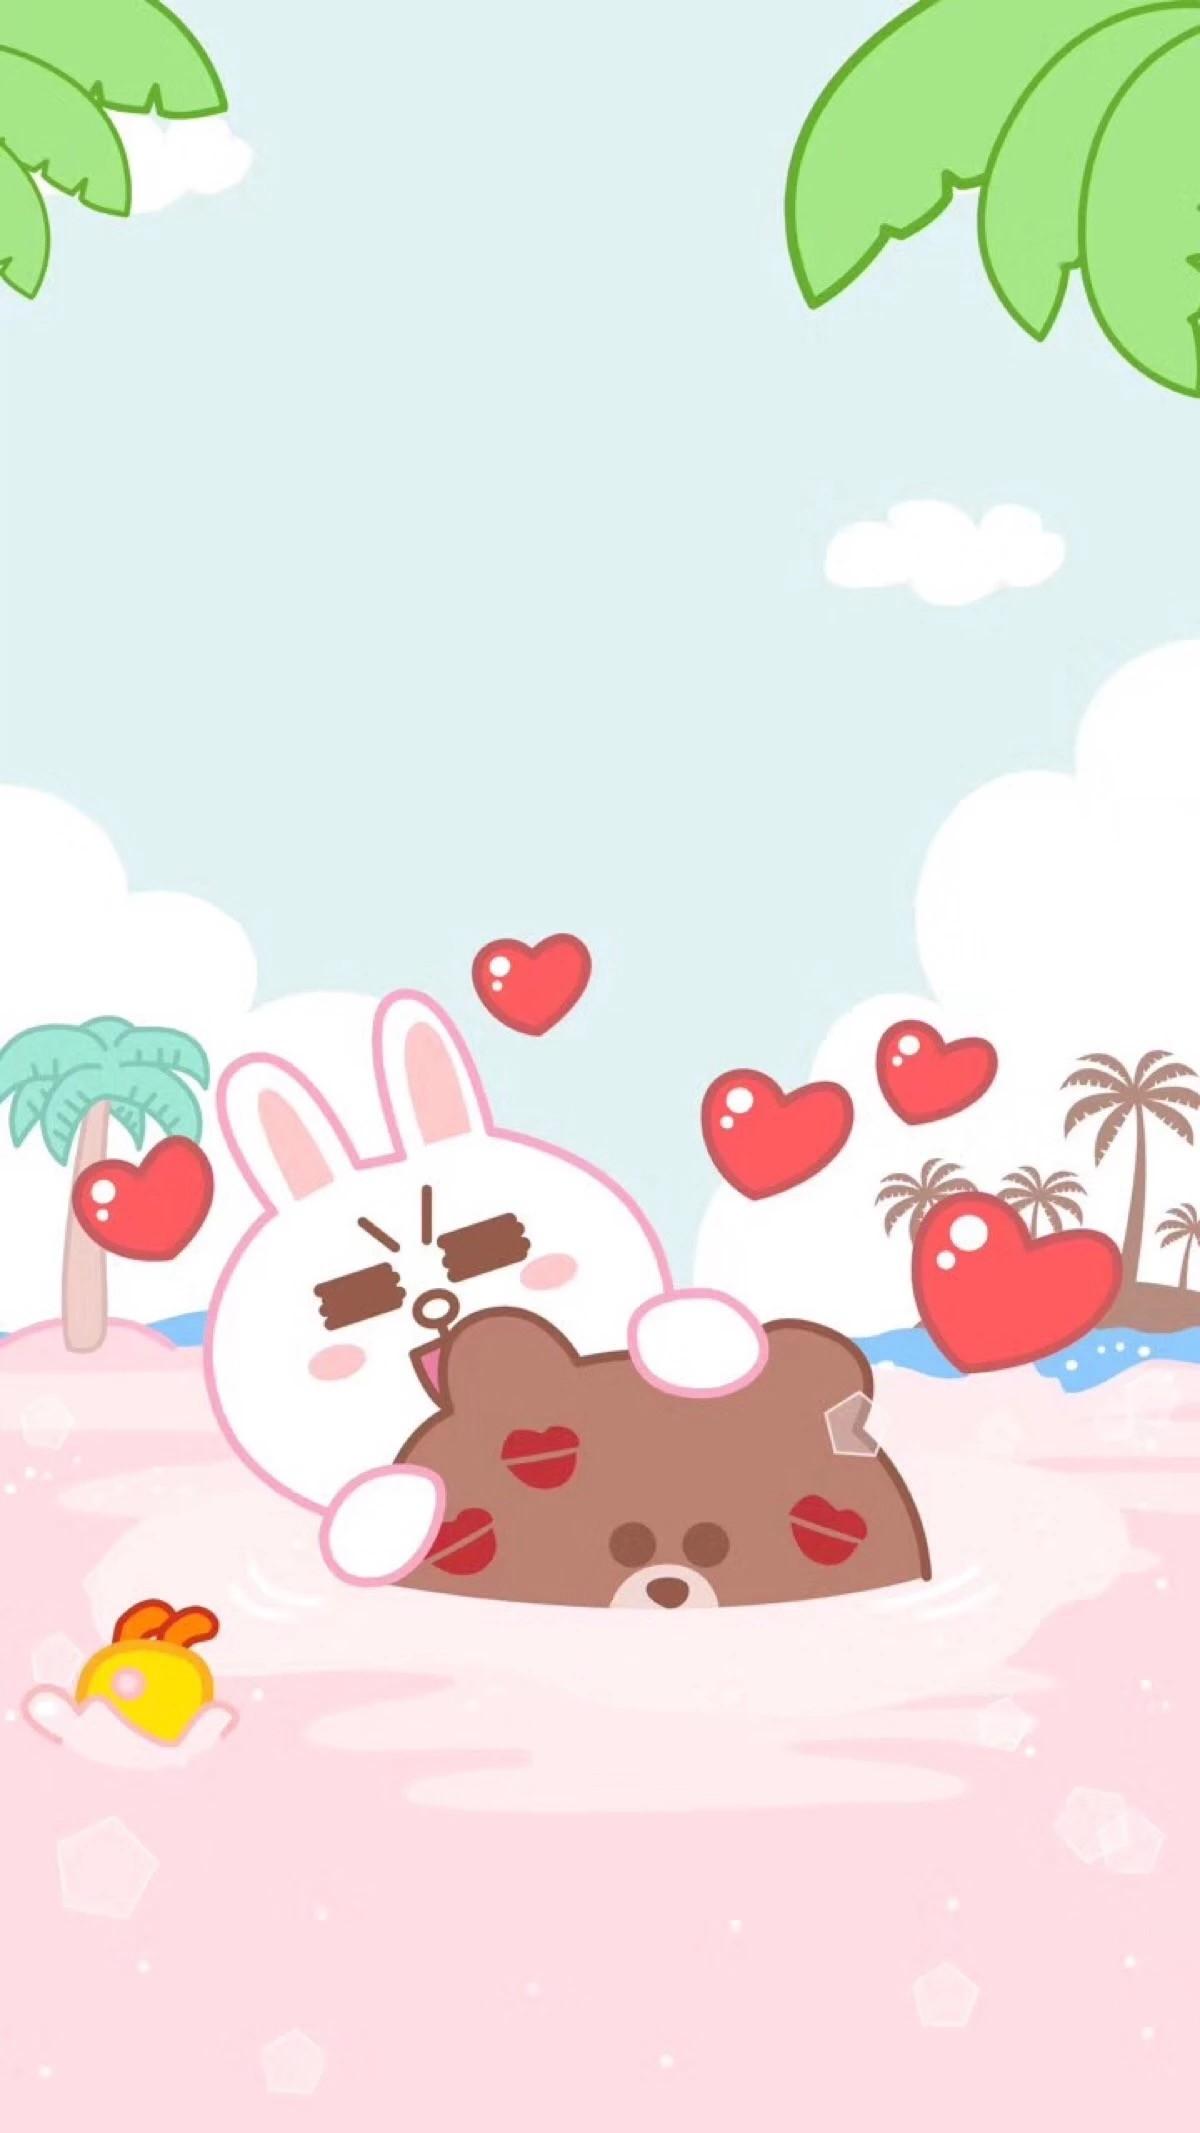 Res: 1200x2133, Friends Wallpaper, Kakao Friends, Line Friends, Phone Backgrounds, Phone  Wallpapers, Rabbit, Sheep, Sticker, Kawaii